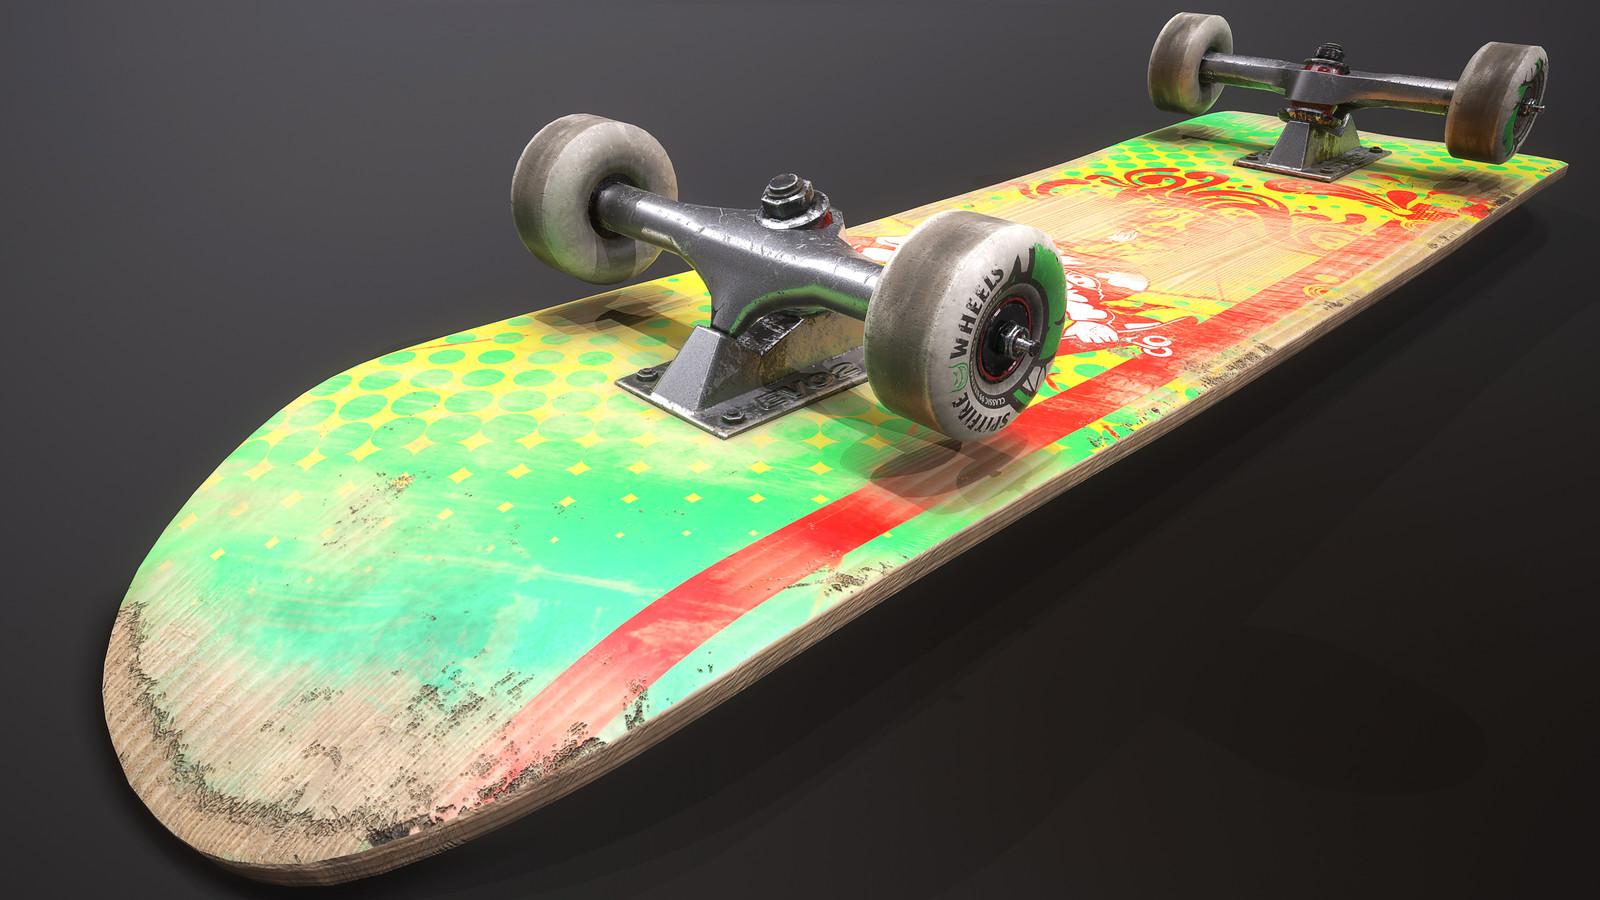 Skateboard Texturing (Sketchfab Challenge)